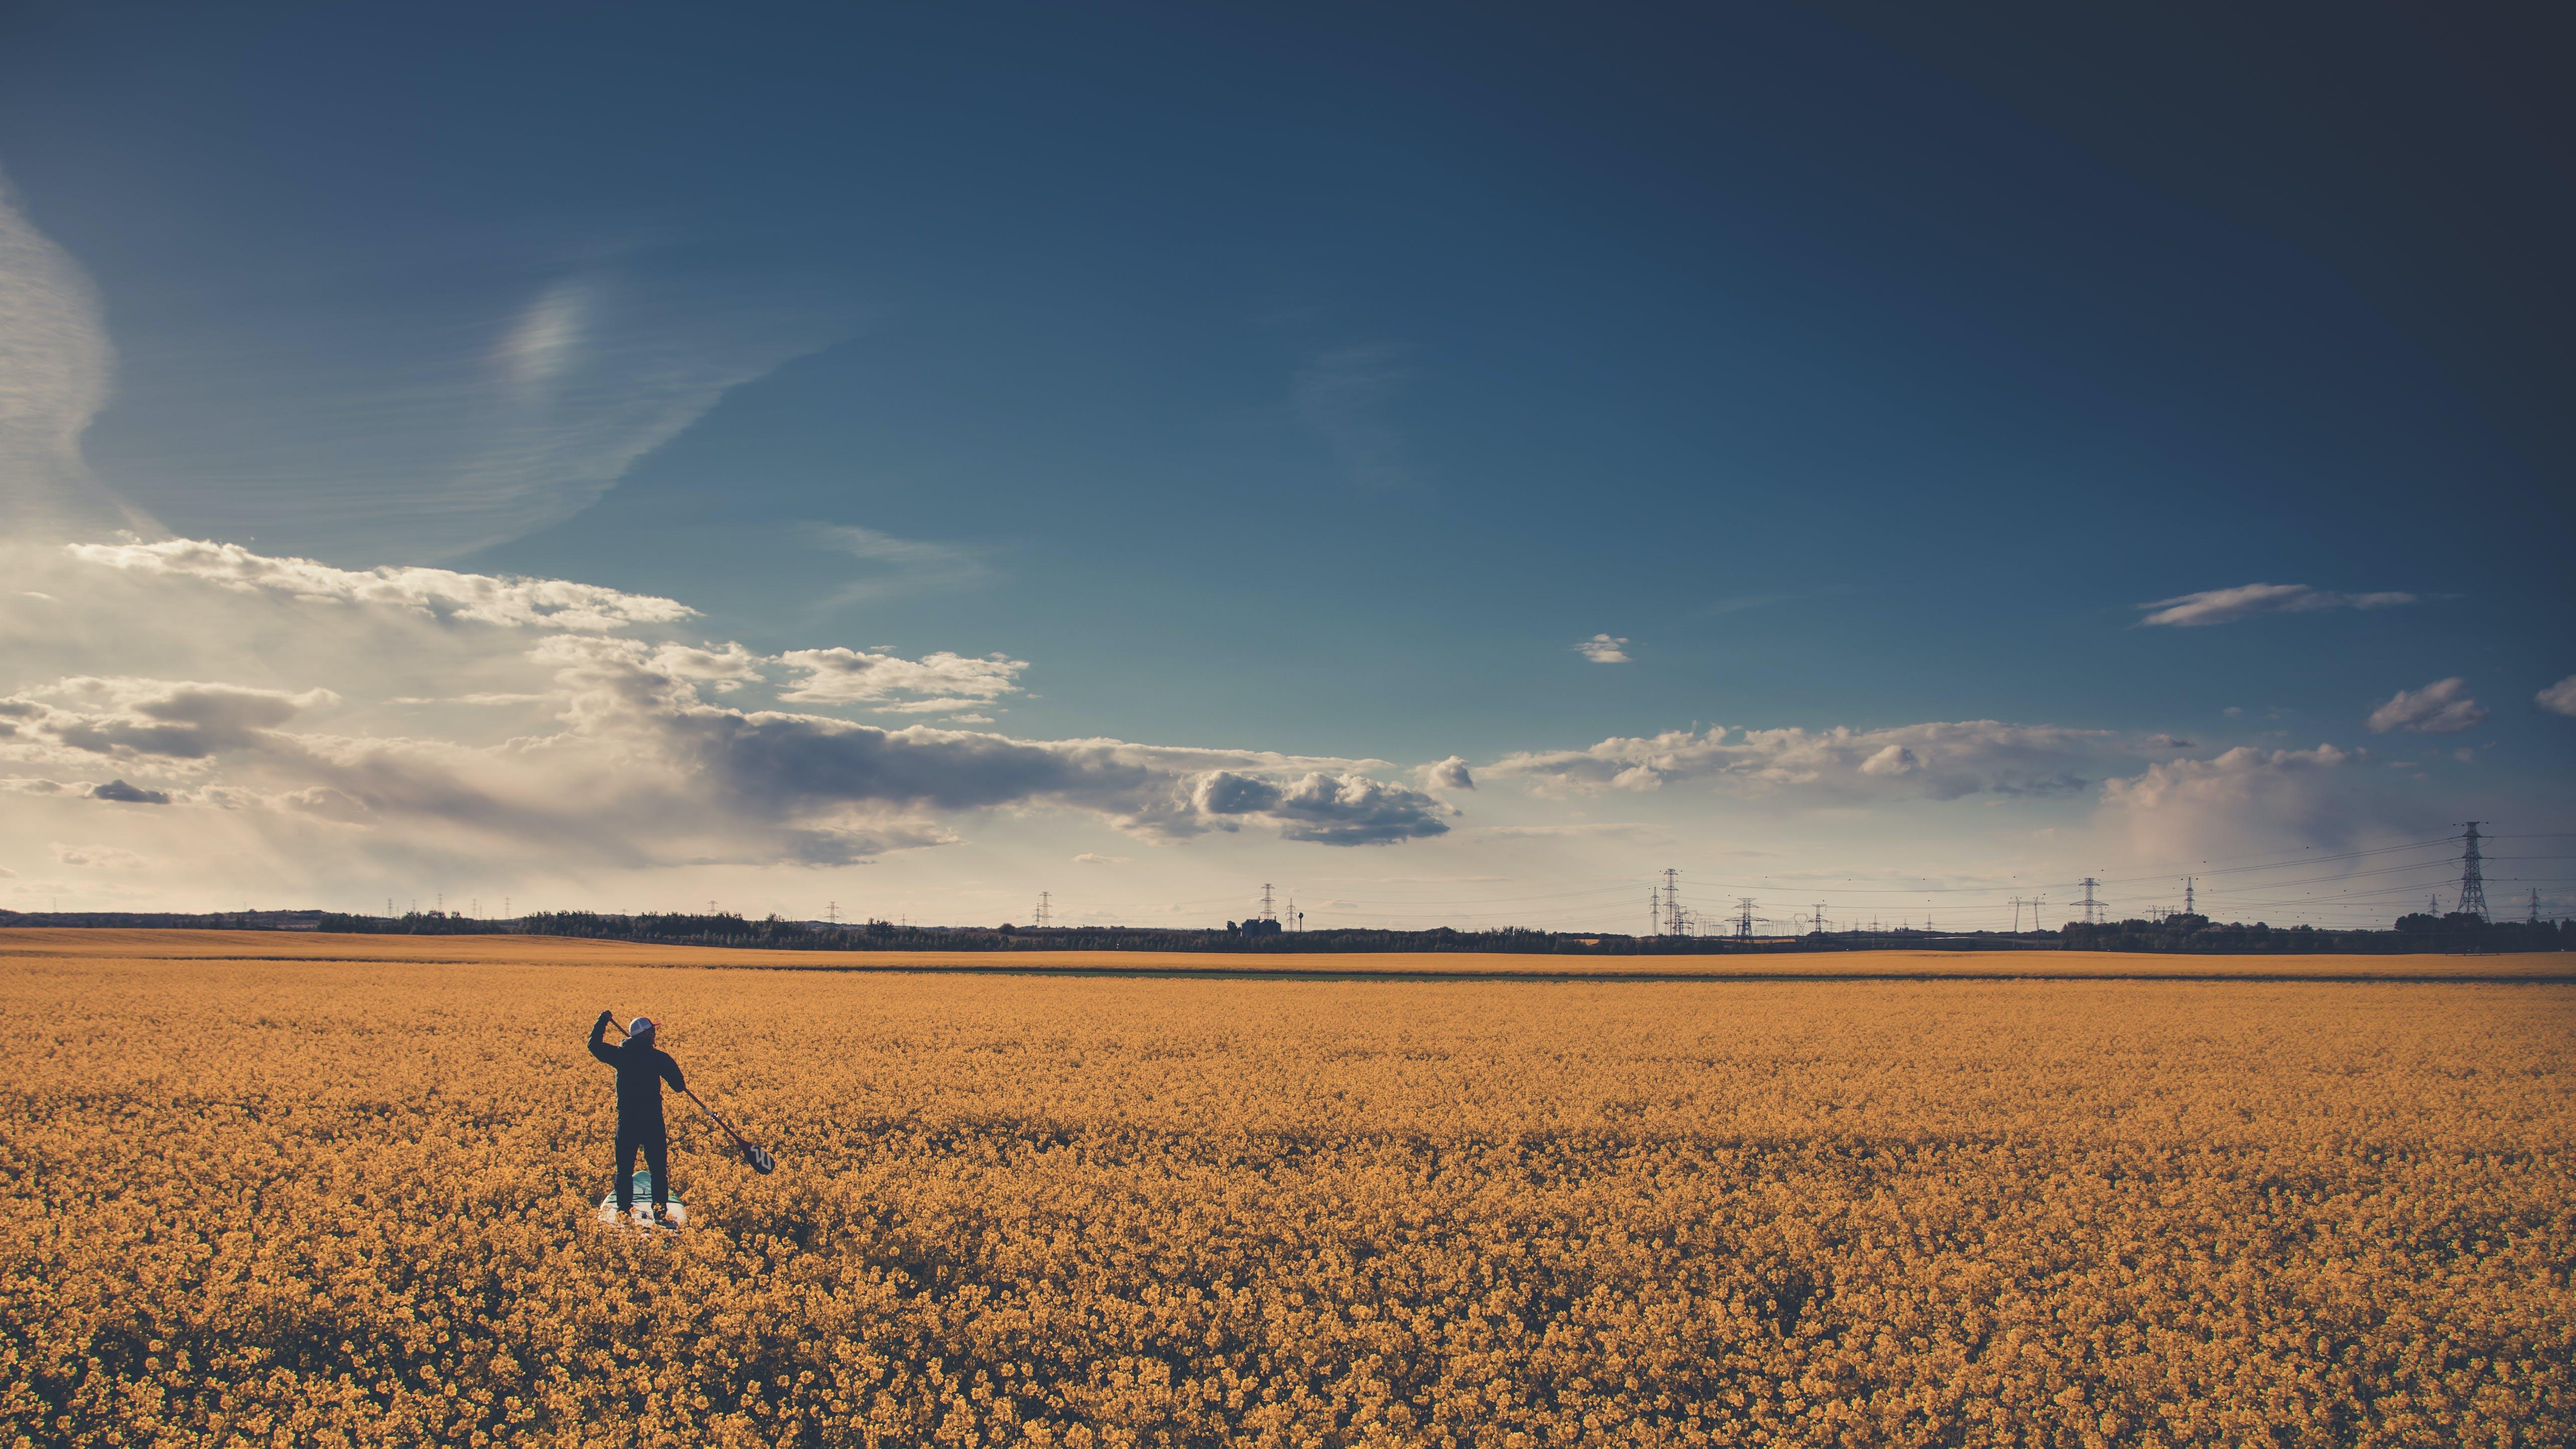 Man on Field Under Blue Cloudy Sky